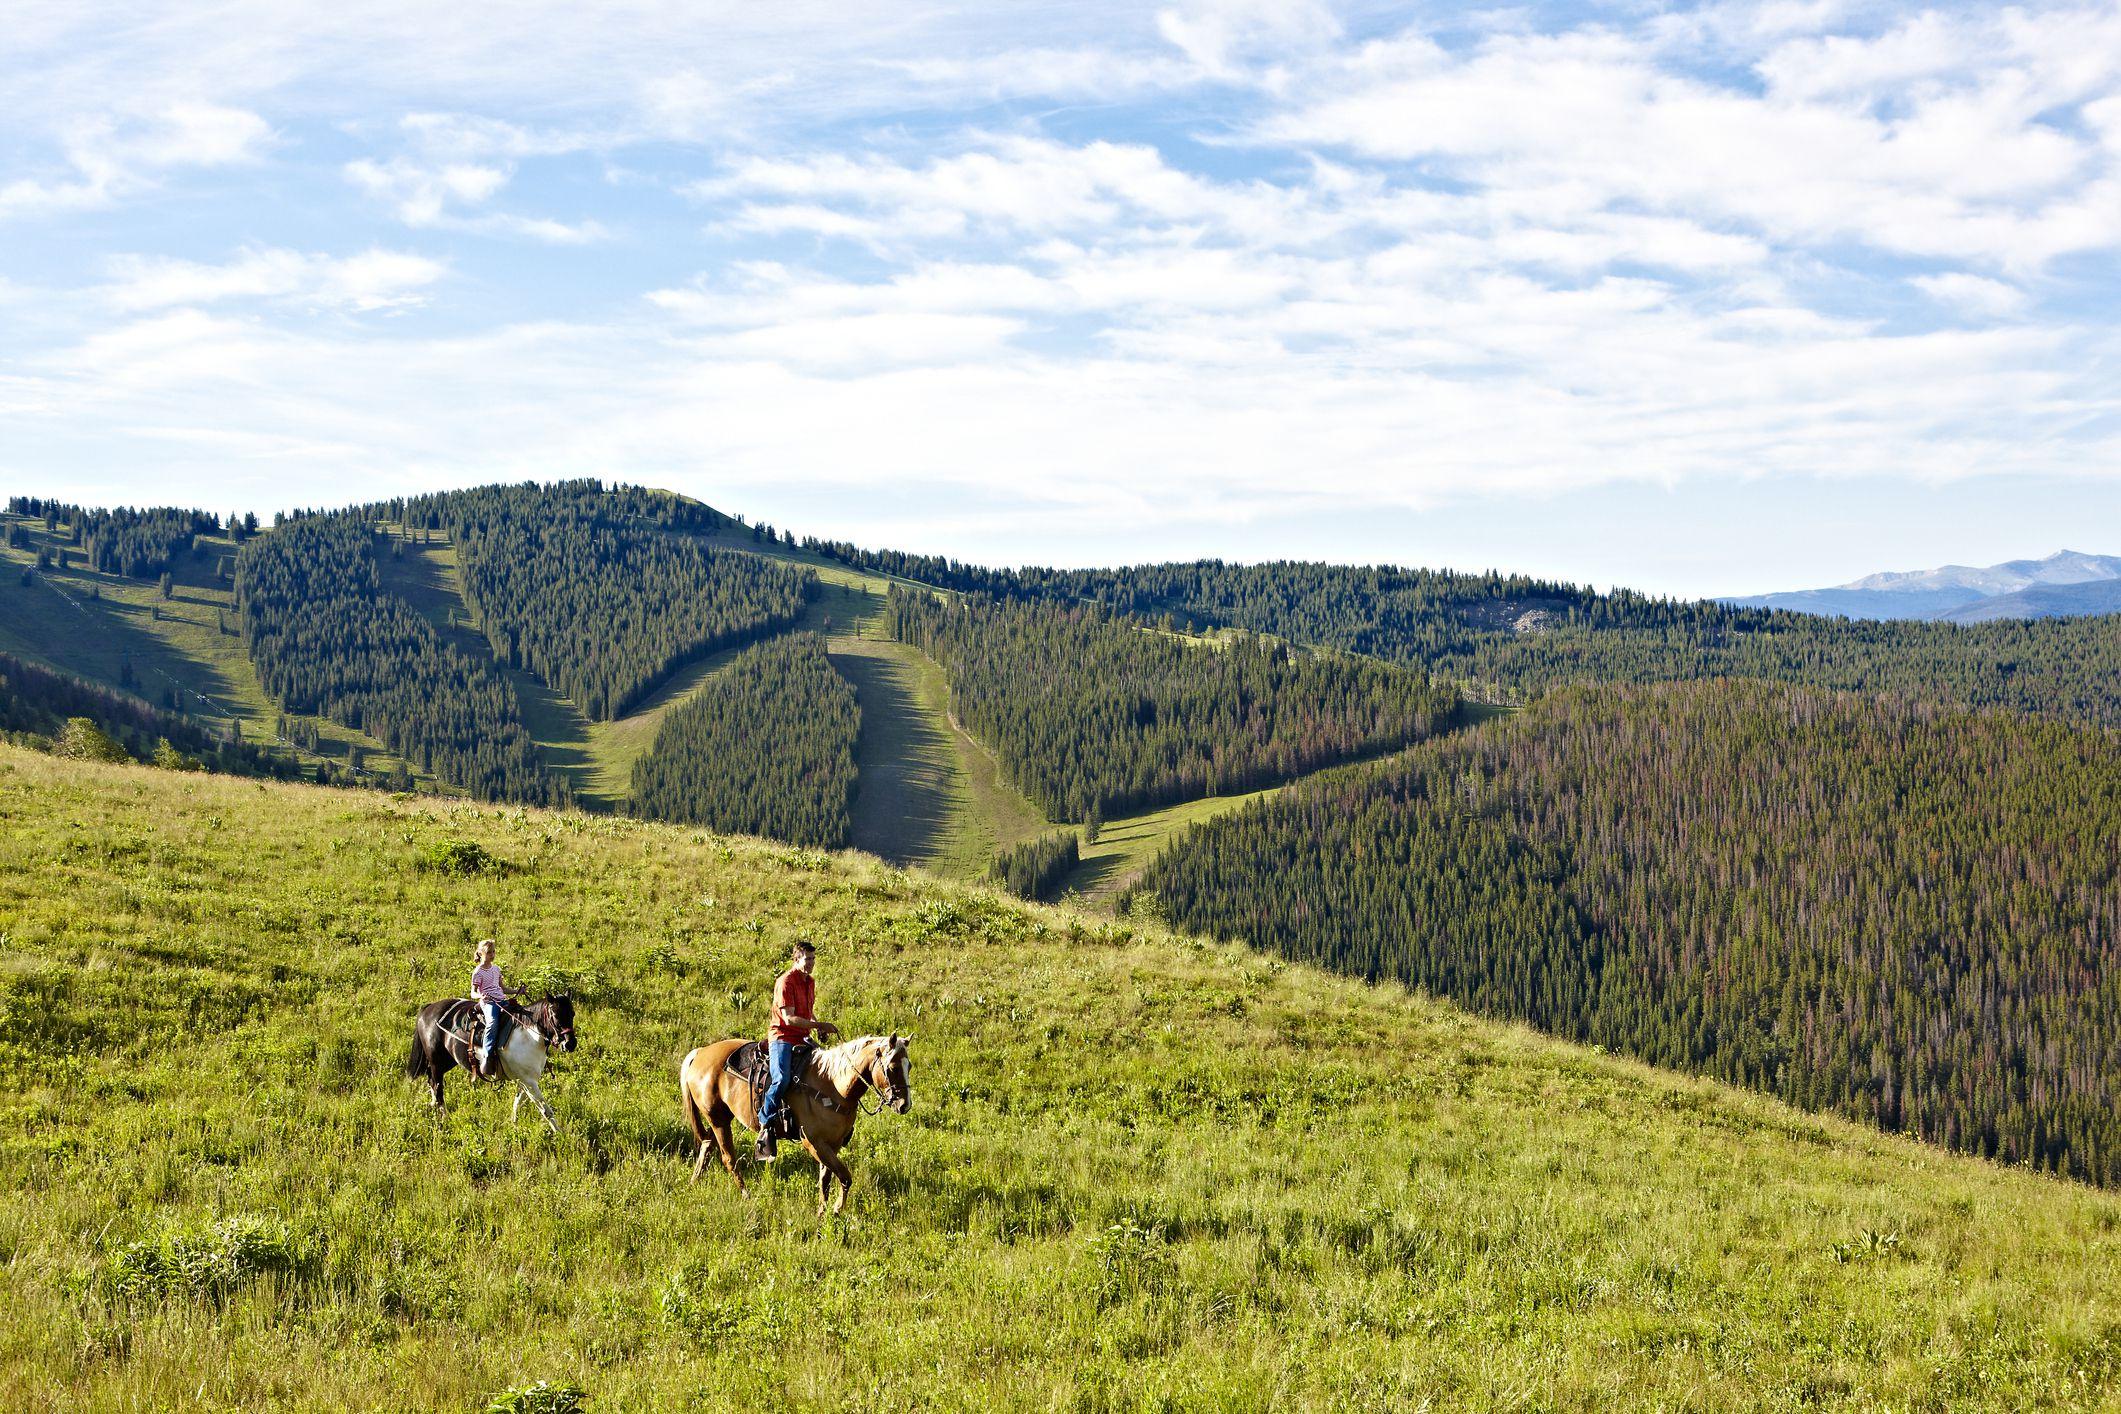 A cowboy races his horse across a Colorado ridge line.